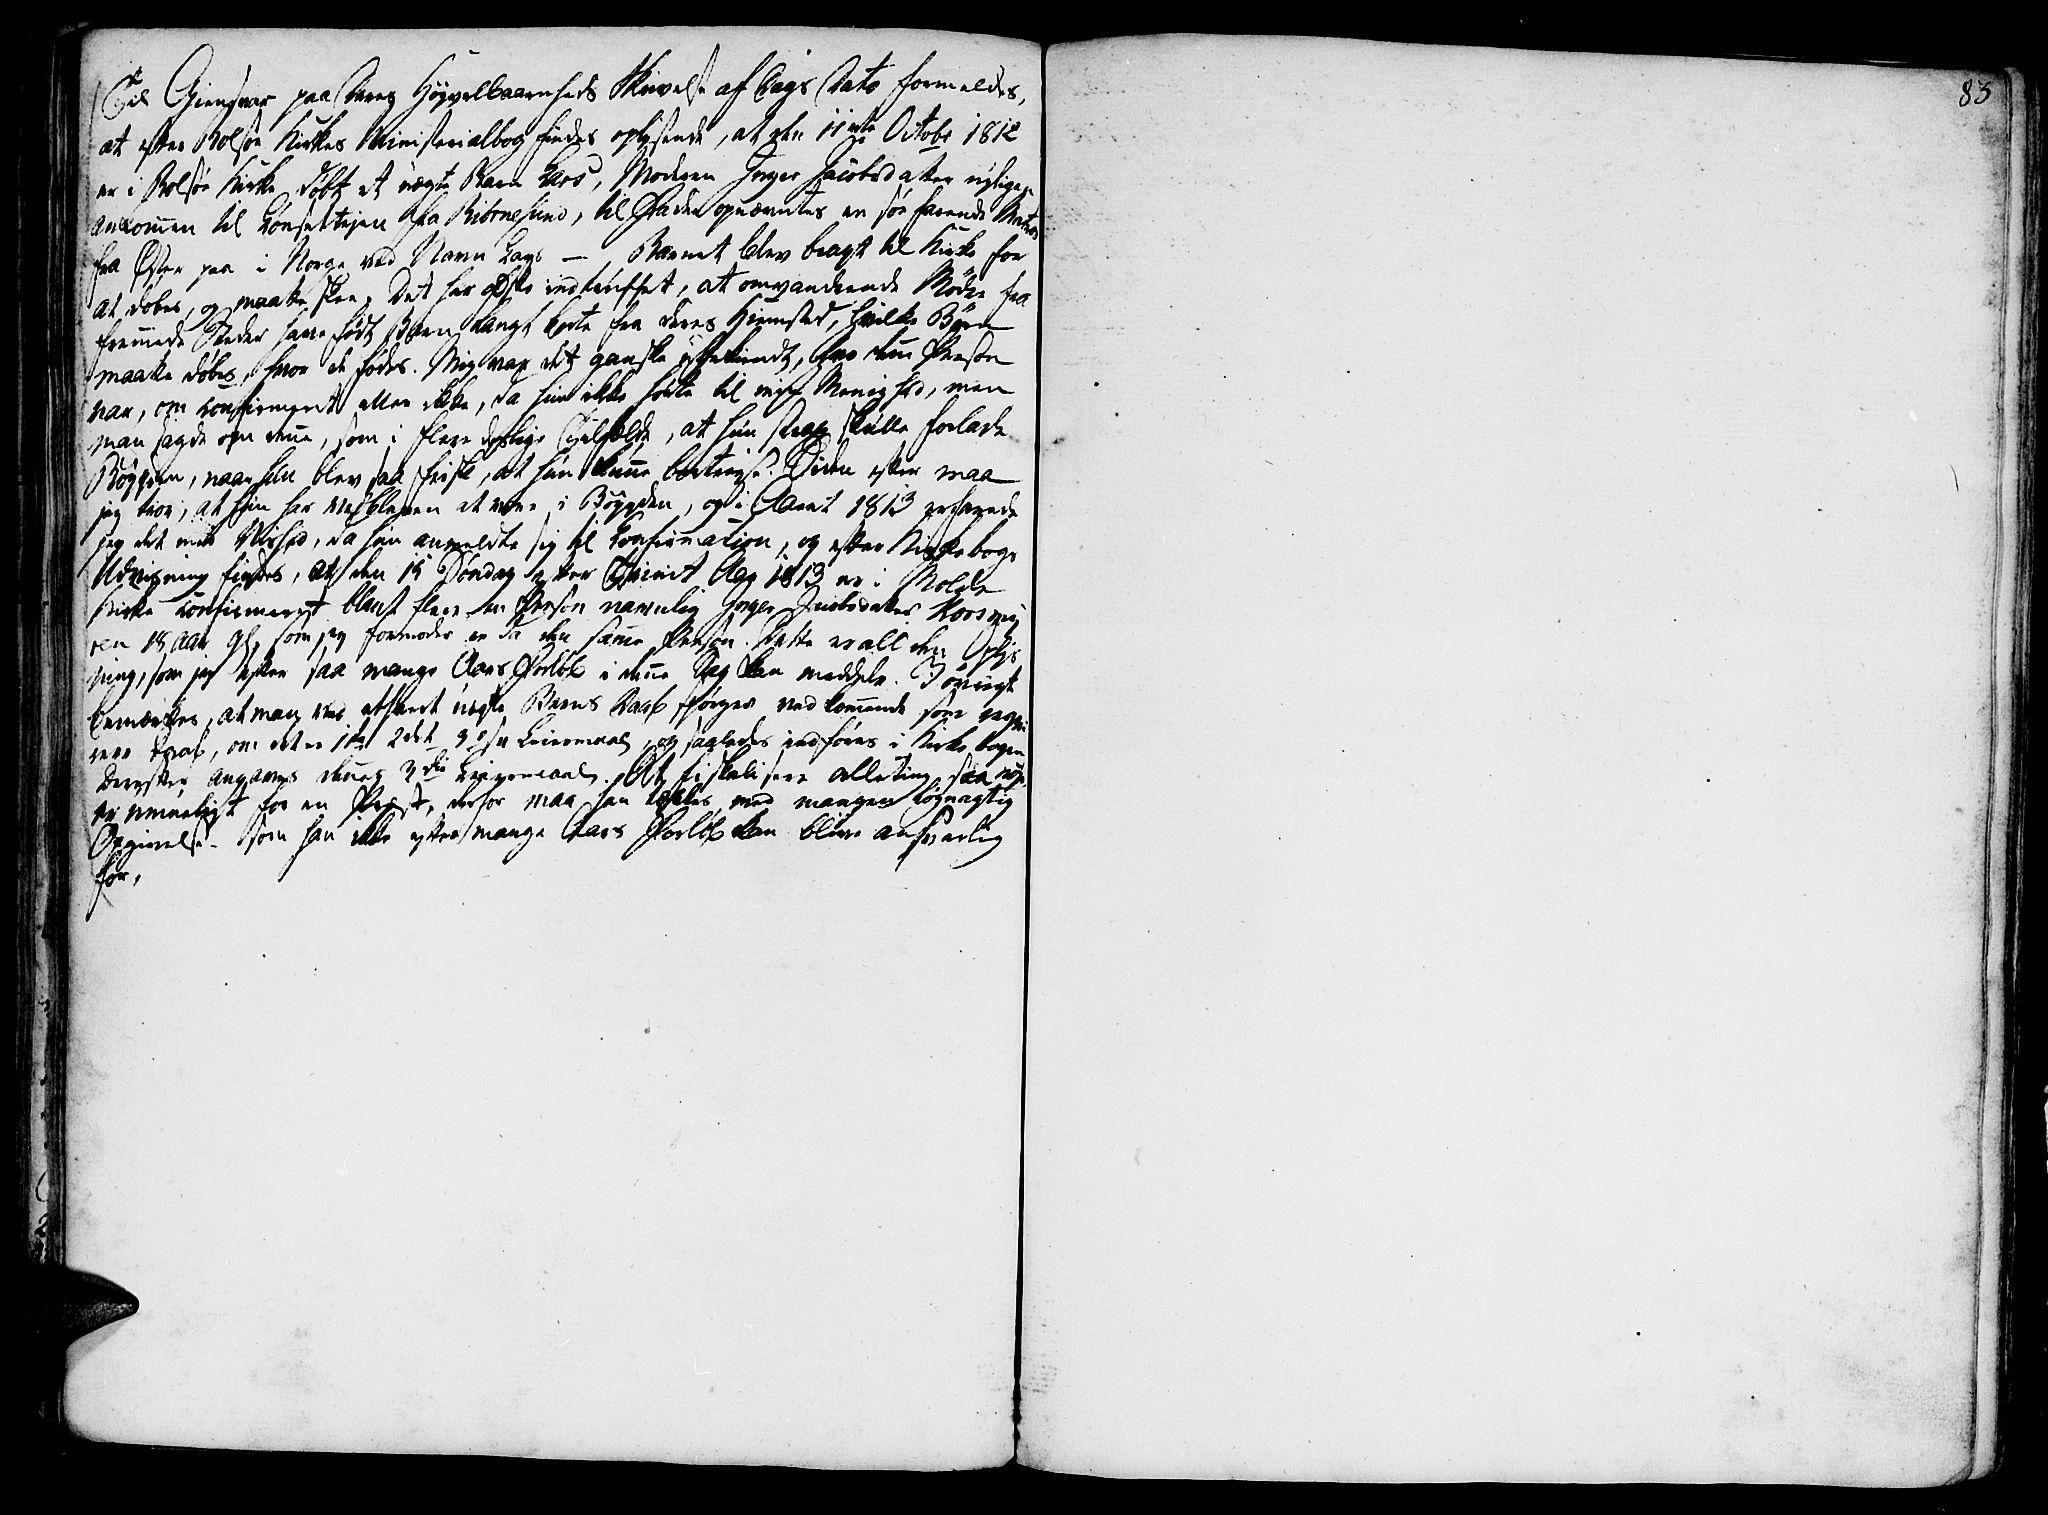 SAT, Ministerialprotokoller, klokkerbøker og fødselsregistre - Møre og Romsdal, 555/L0649: Ministerialbok nr. 555A02 /1, 1795-1821, s. 83